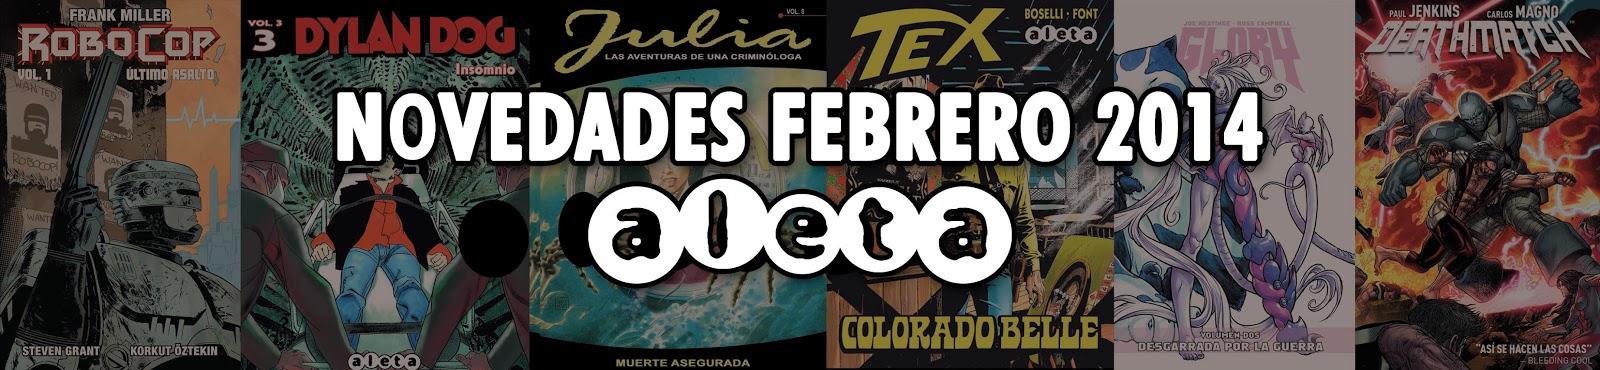 Aleta Ediciones novedades febrero 2014